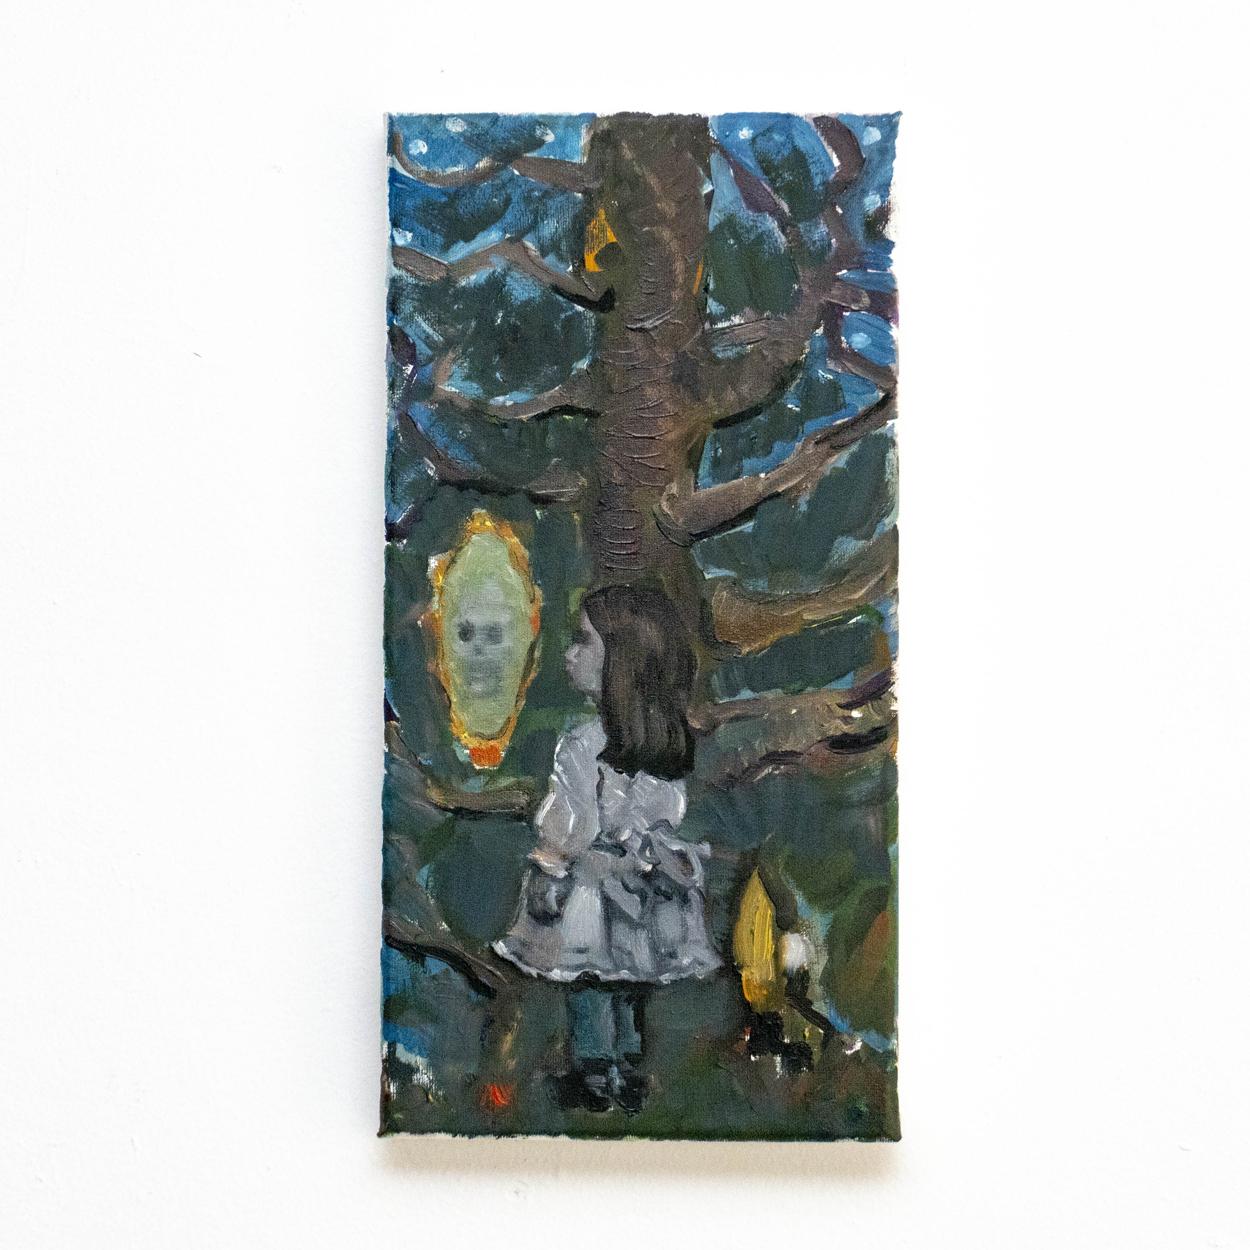 SLANGEN _ Mirror,Mirror, ..., 40x20cm, oil on canvas_VIERKANT